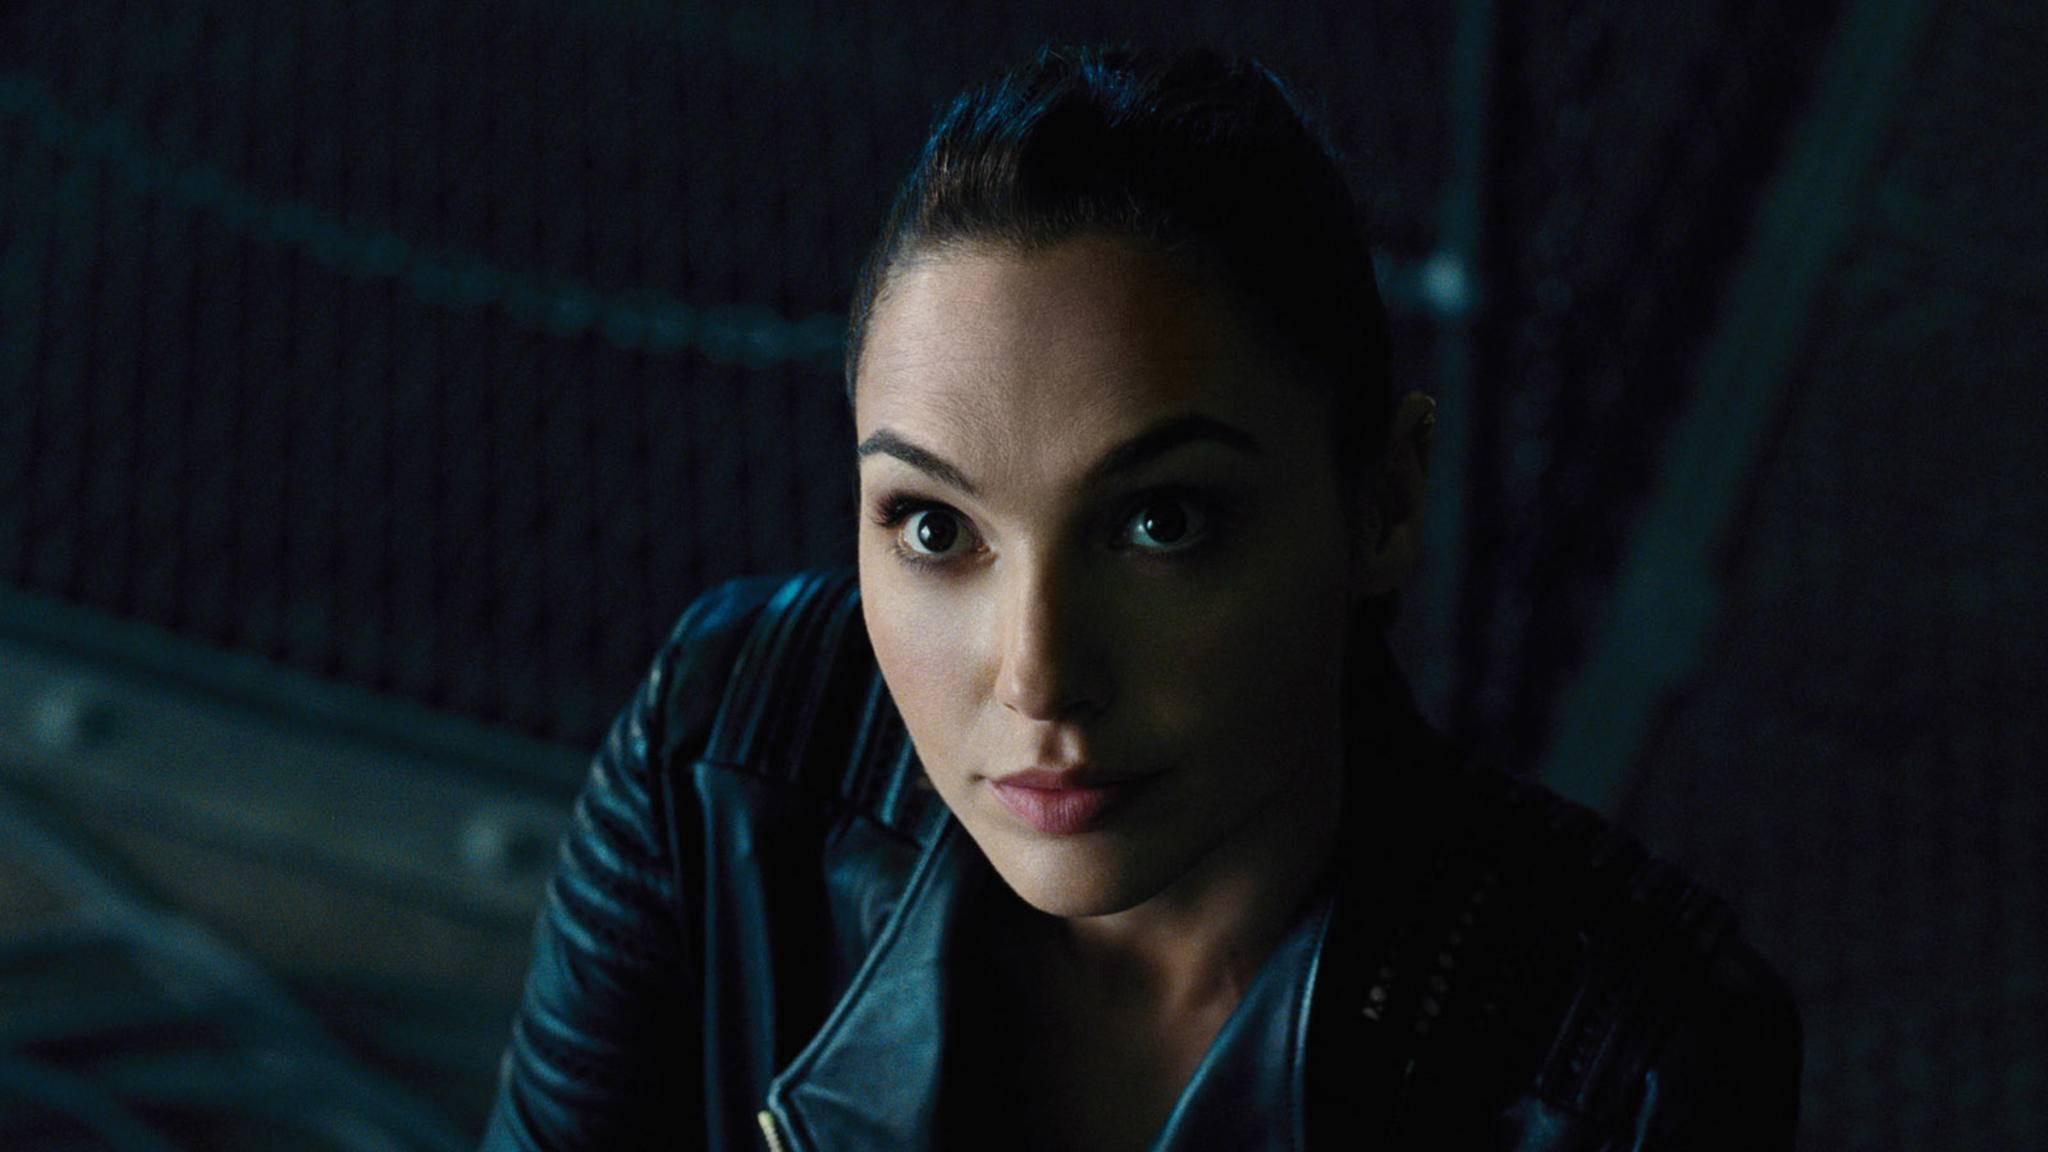 Wonder Woman kommt in ihrem dritten Solofilm in der Gegenwart an.